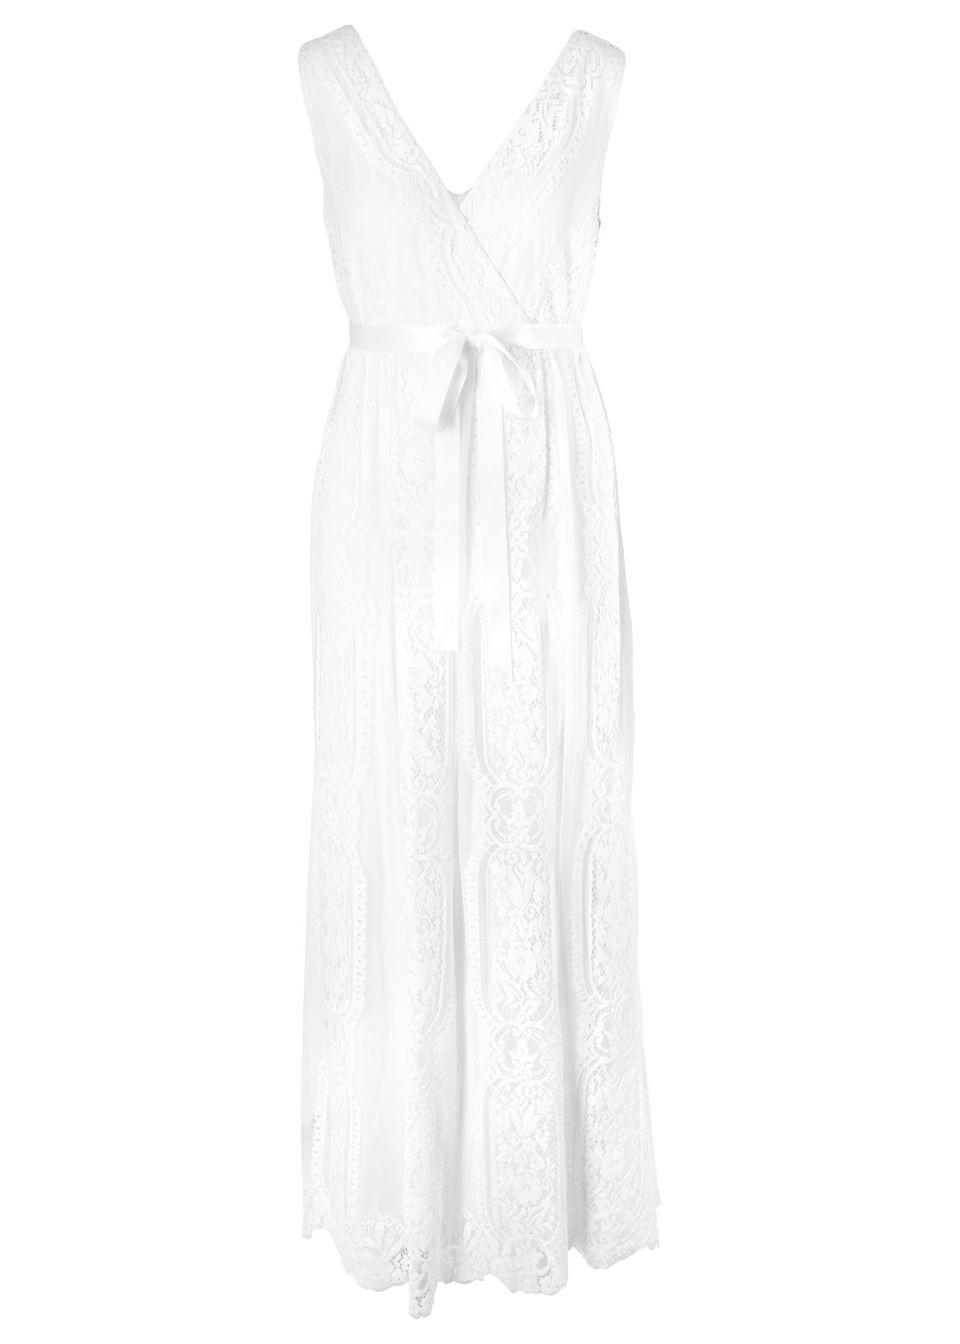 cfe337ab4a93 Tehotenské svadobné šaty biela vlna • 74.99 € • bonprix